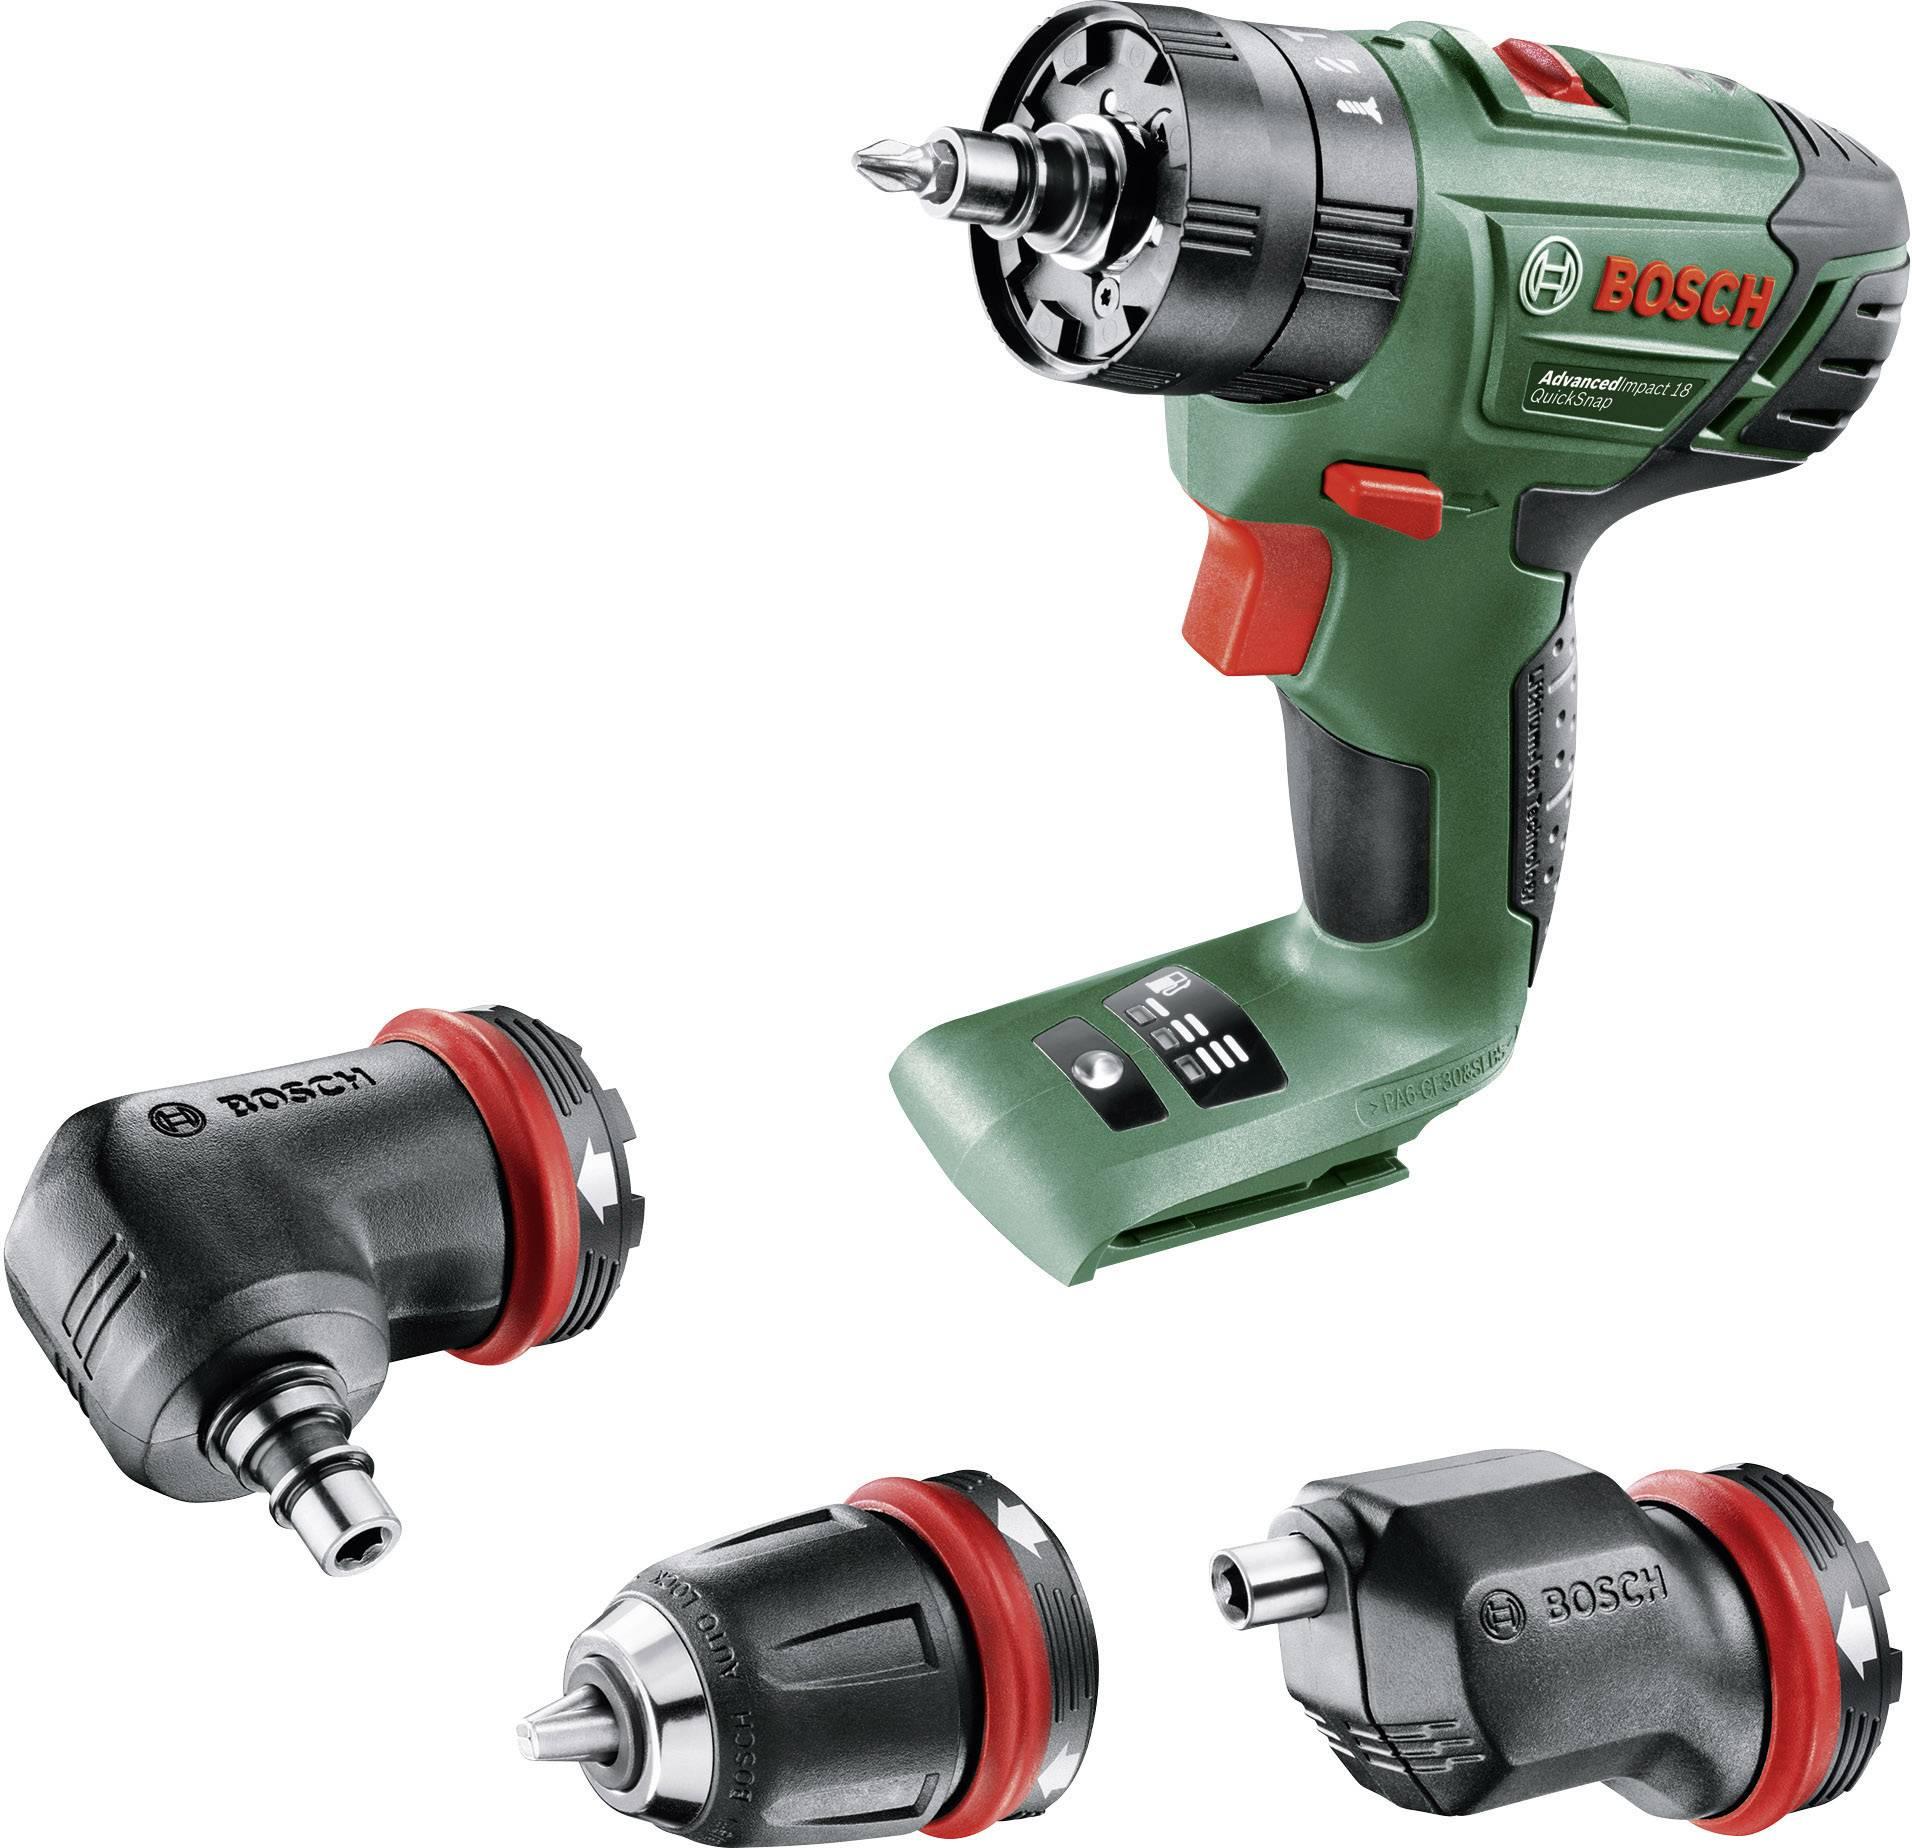 Akupríklepová vŕtačka Bosch Home and Garden AdvancedImpact 18 06039A3402, 18 V, 1.5 Ah, Li-Ion akumulátor